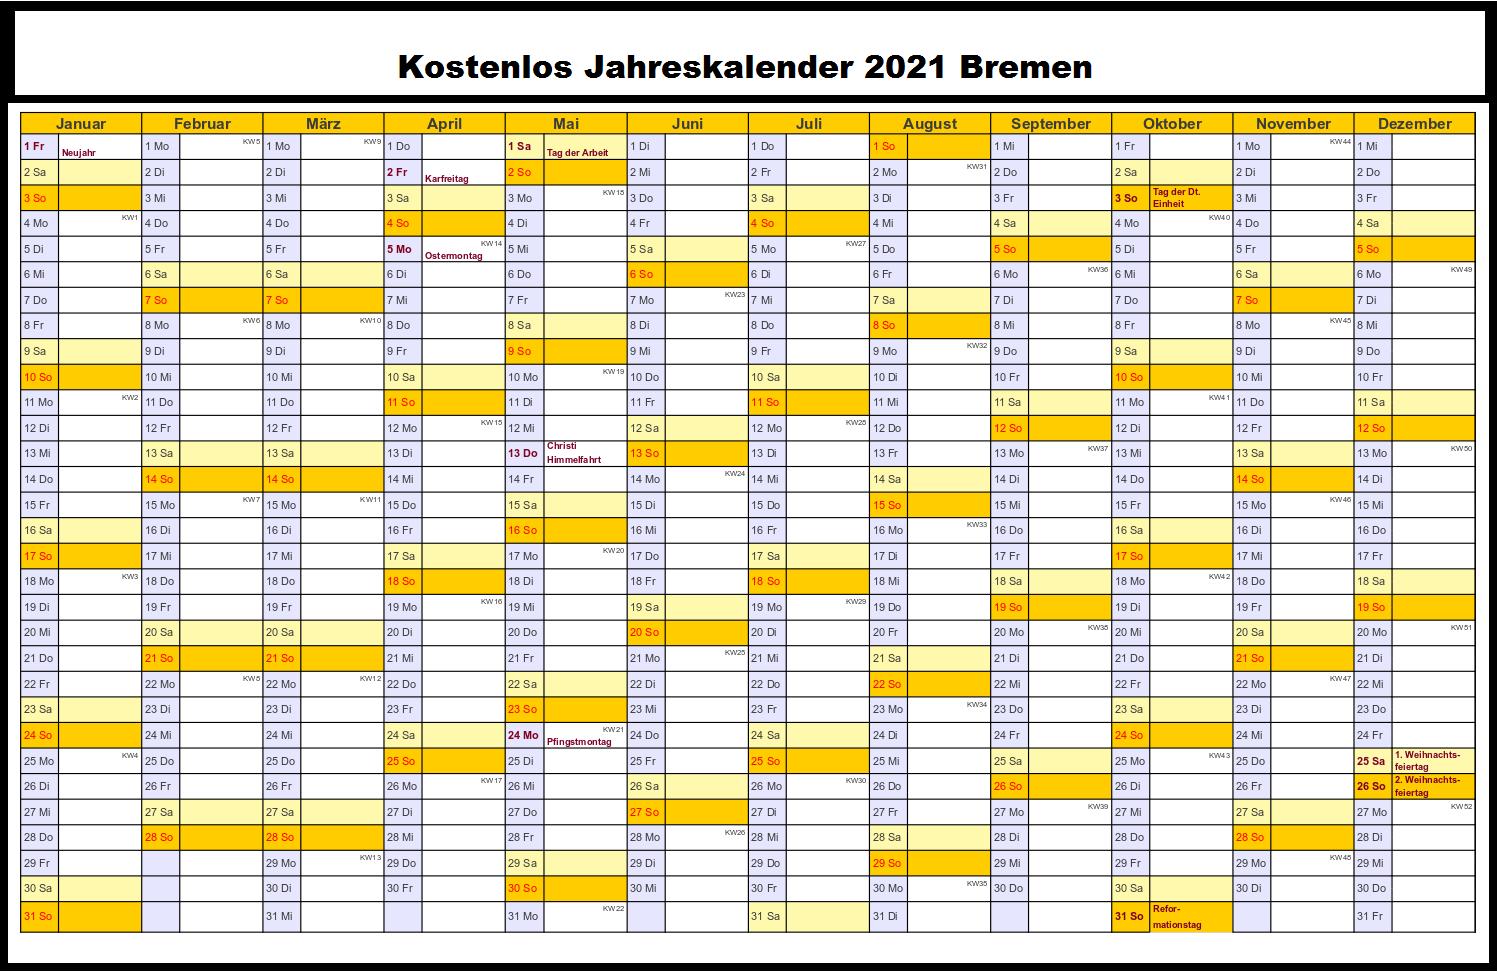 Jahreskalender 2021 Bremen PDF